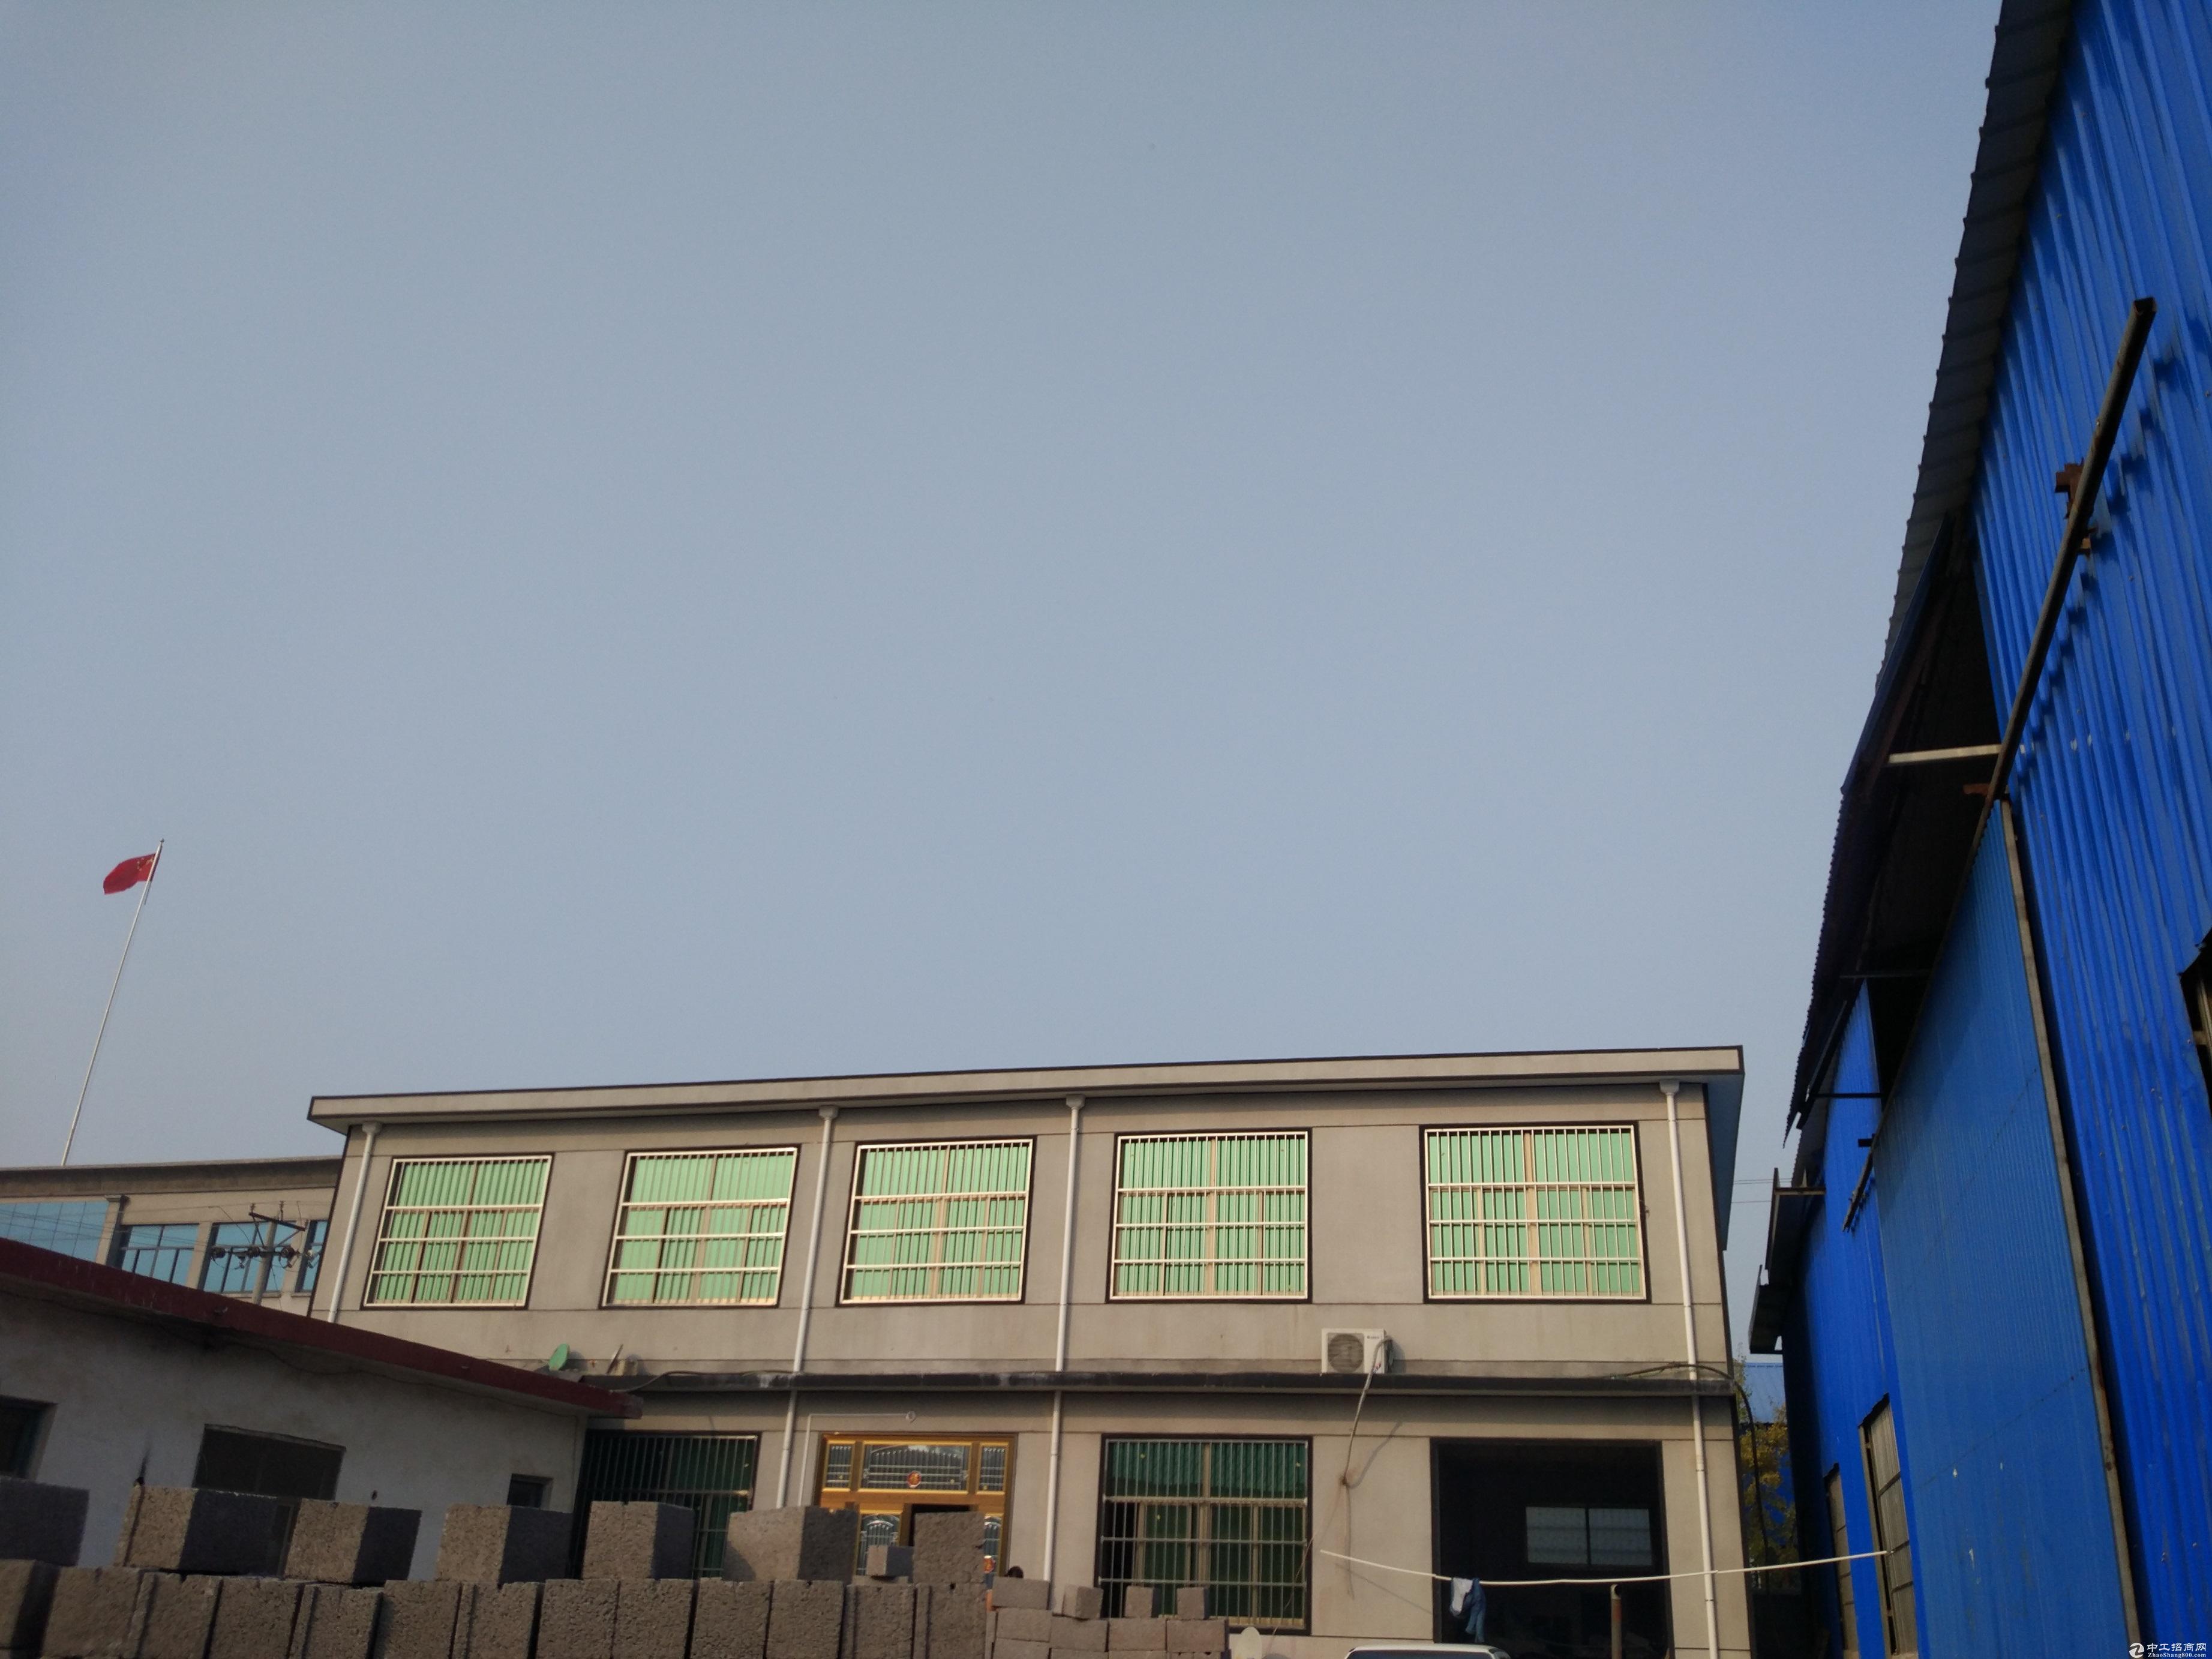 兰山区义堂镇2000-3000平米标准钢结构厂房出租2018-图3